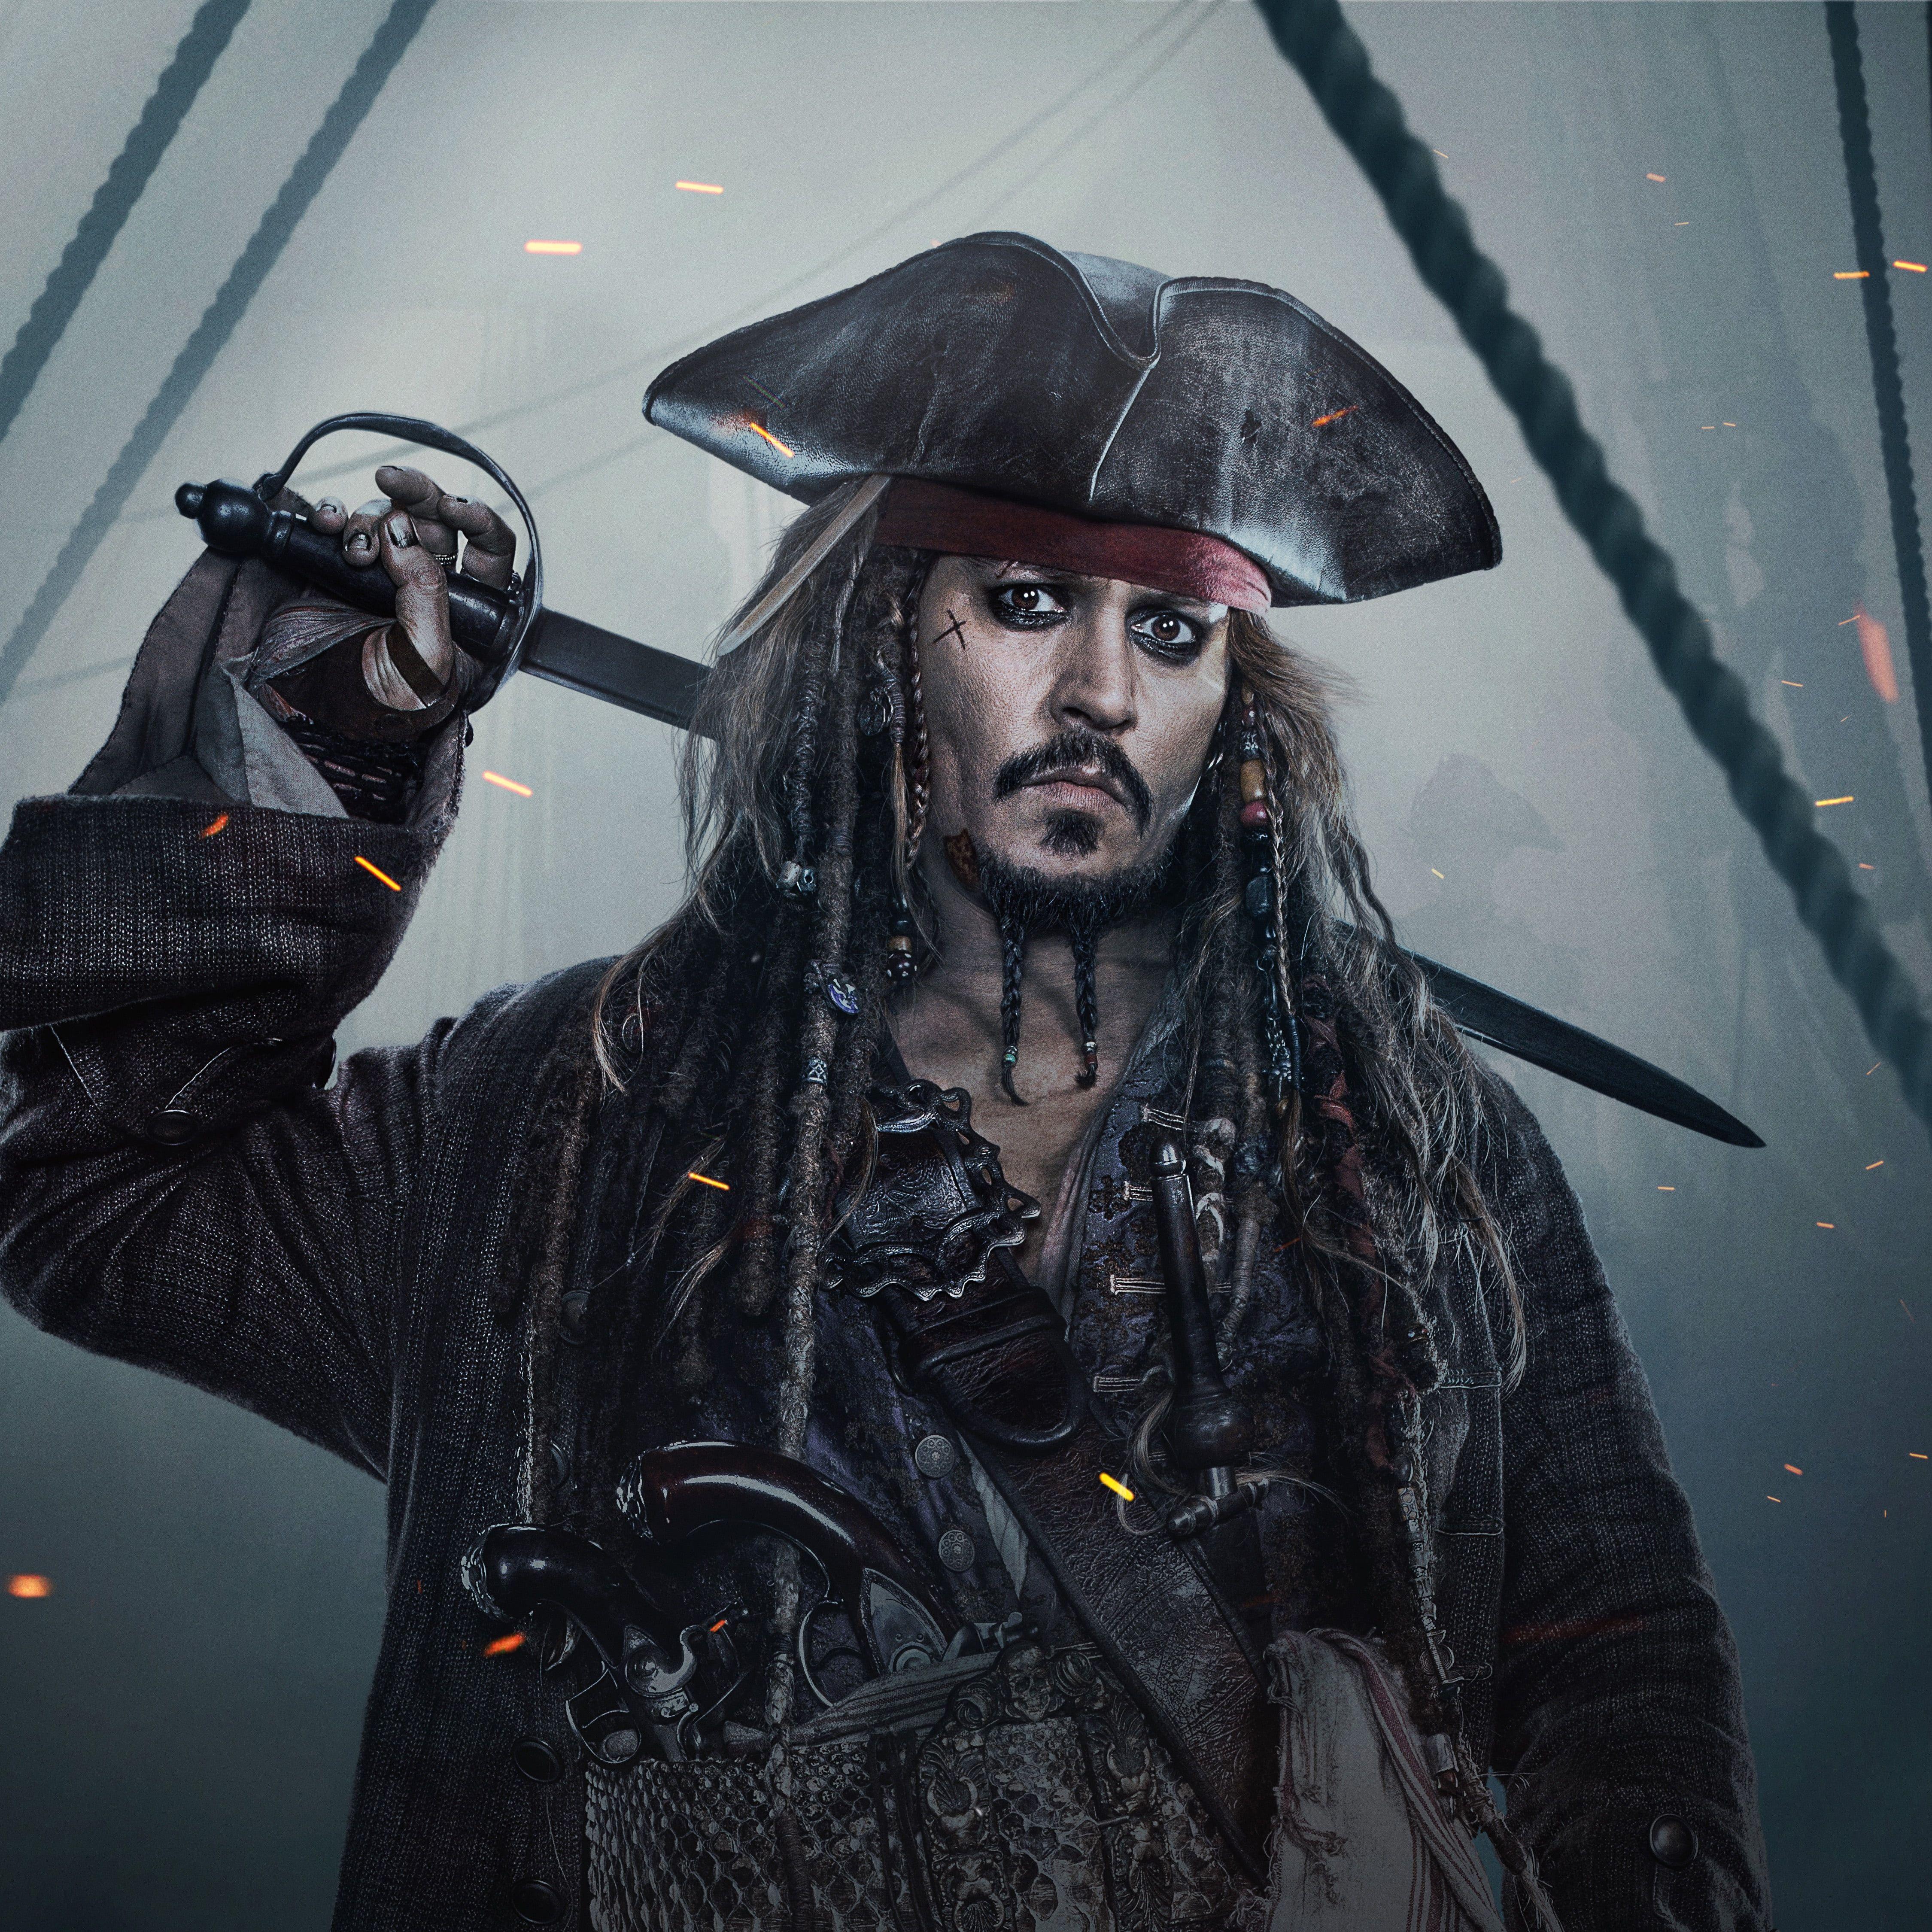 Johnny Depp As Jack Sparrow Wallpaper Fog Johnny Depp Guns Hat Fantasy Sparks Captain Johnny Jack Sparrow Wallpaper Jack Sparrow Pirates Of The Caribbean Ultra hd hd 1080p jack sparrow wallpaper